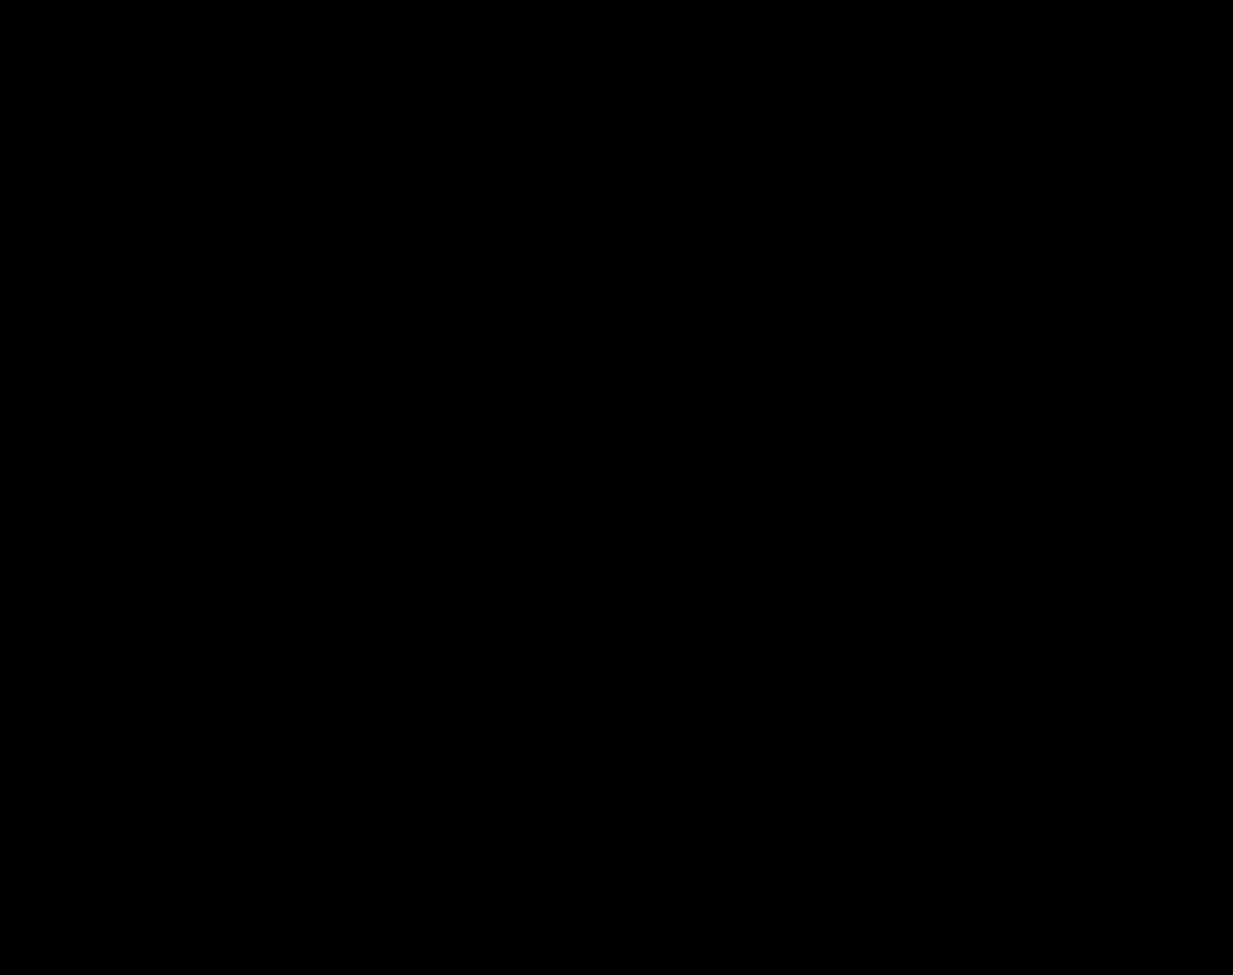 Logo chambre de compensation RIVIO